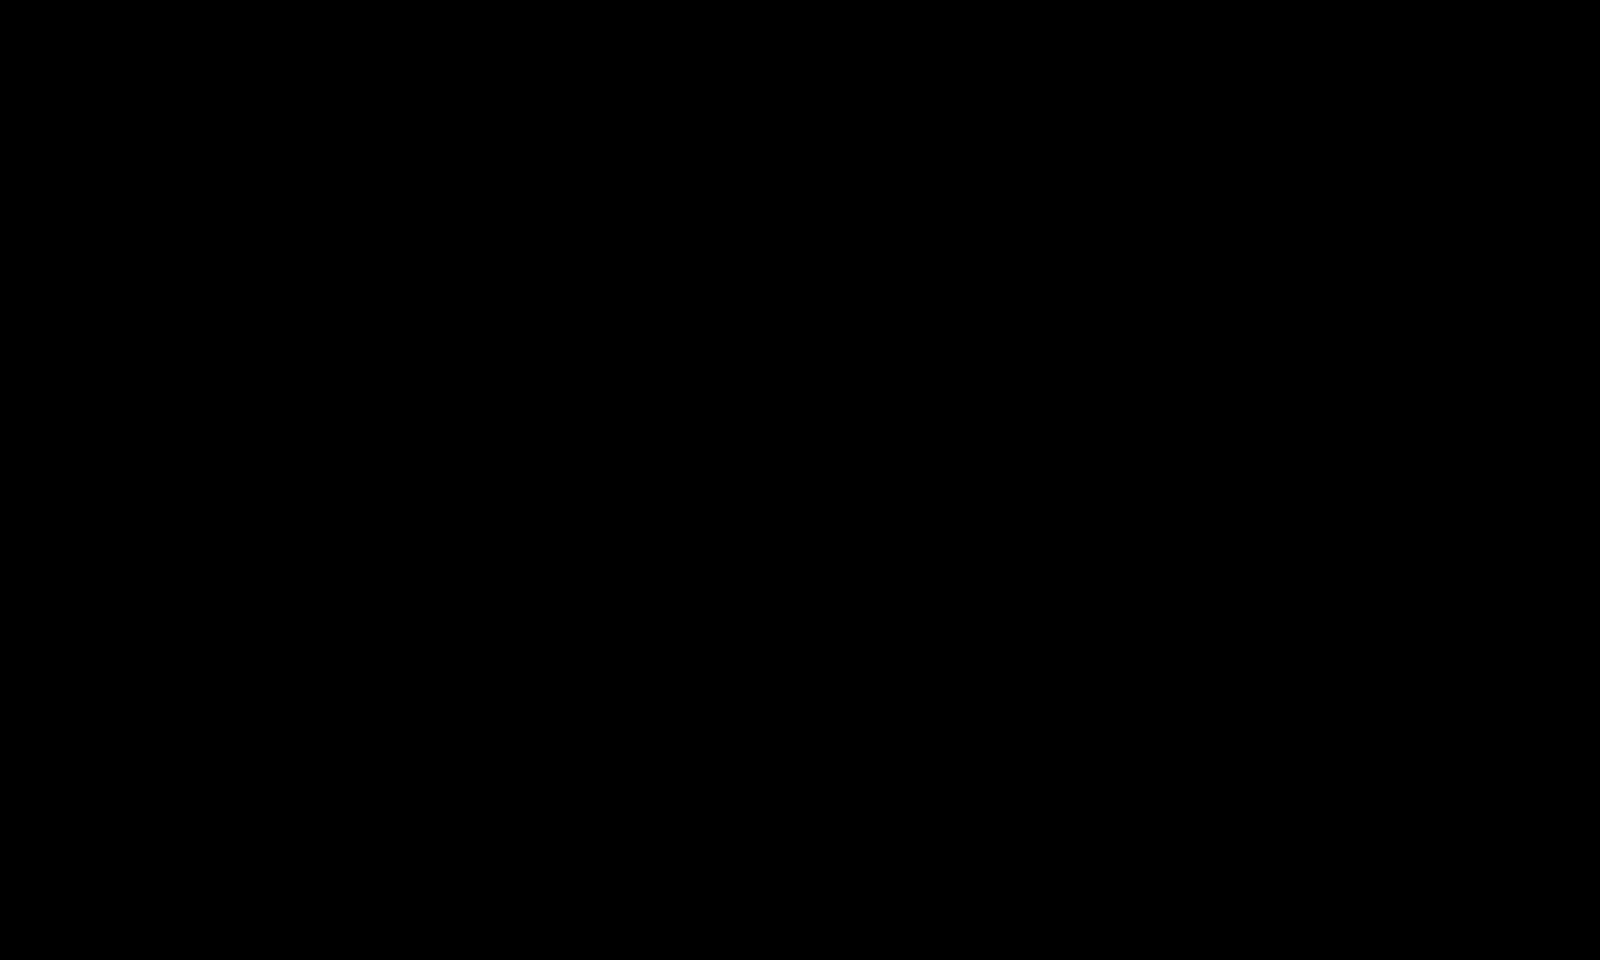 """Felix Claar: """"Allting höjs en nivå"""""""